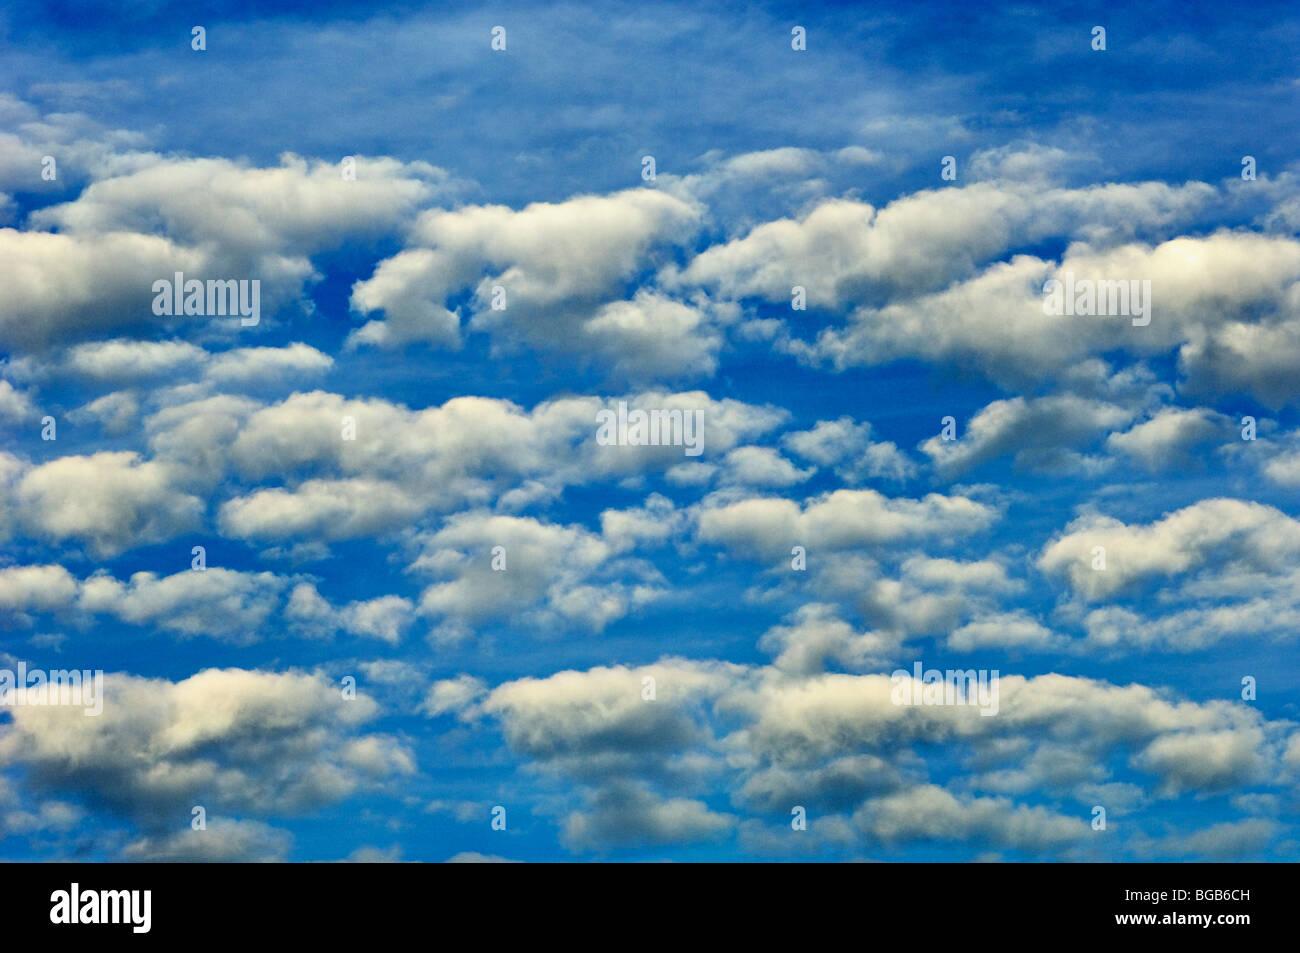 Weißen Cumulus-Wolken am blauen Himmel Stockbild